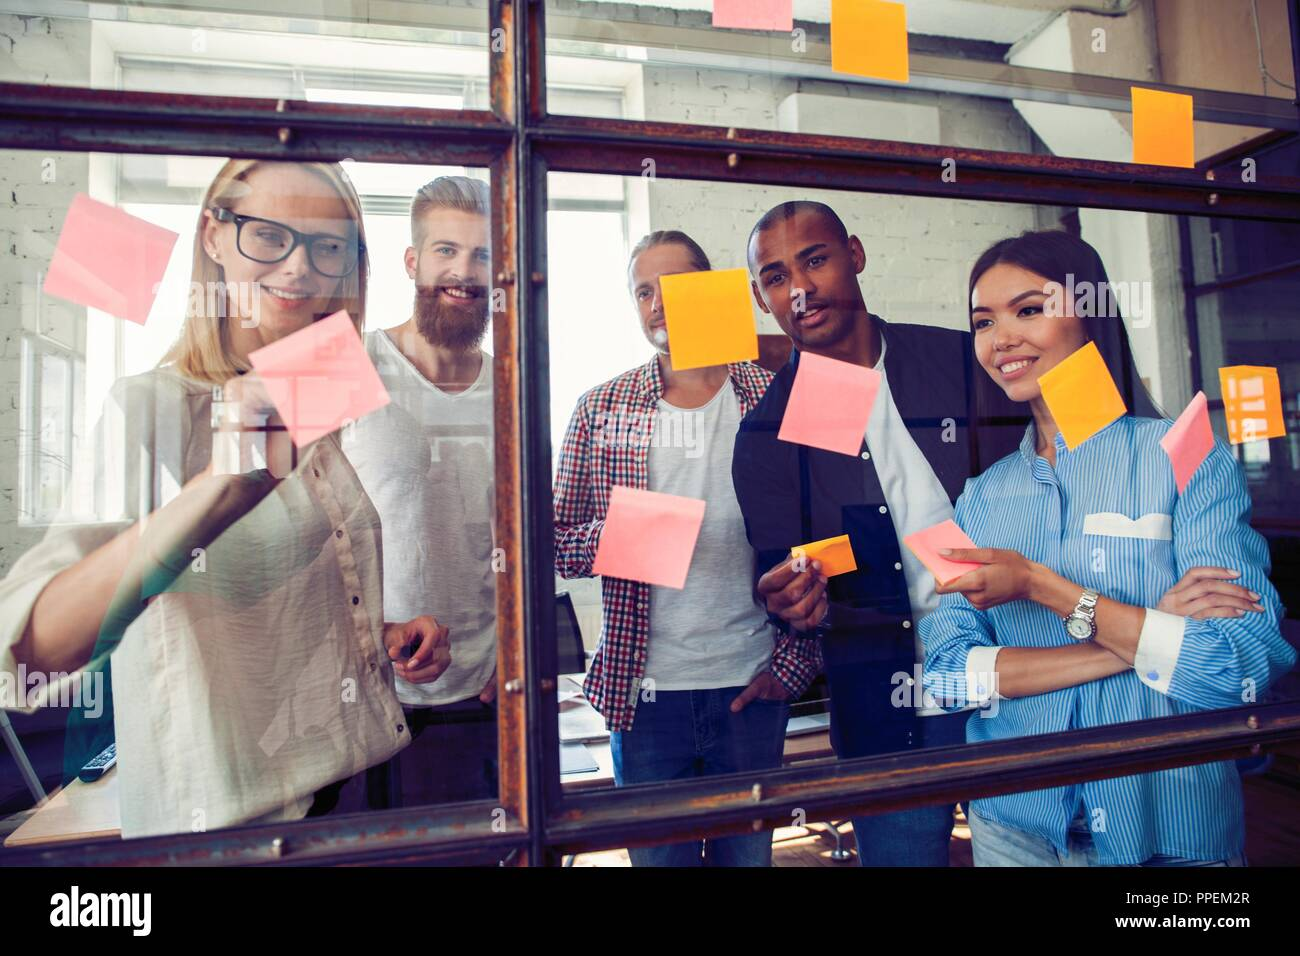 Business Leute, die im Büro und Post-it Notizen Idee zu teilen. Brainstorming Konzept. Haftnotiz auf Glas Wand Stockbild